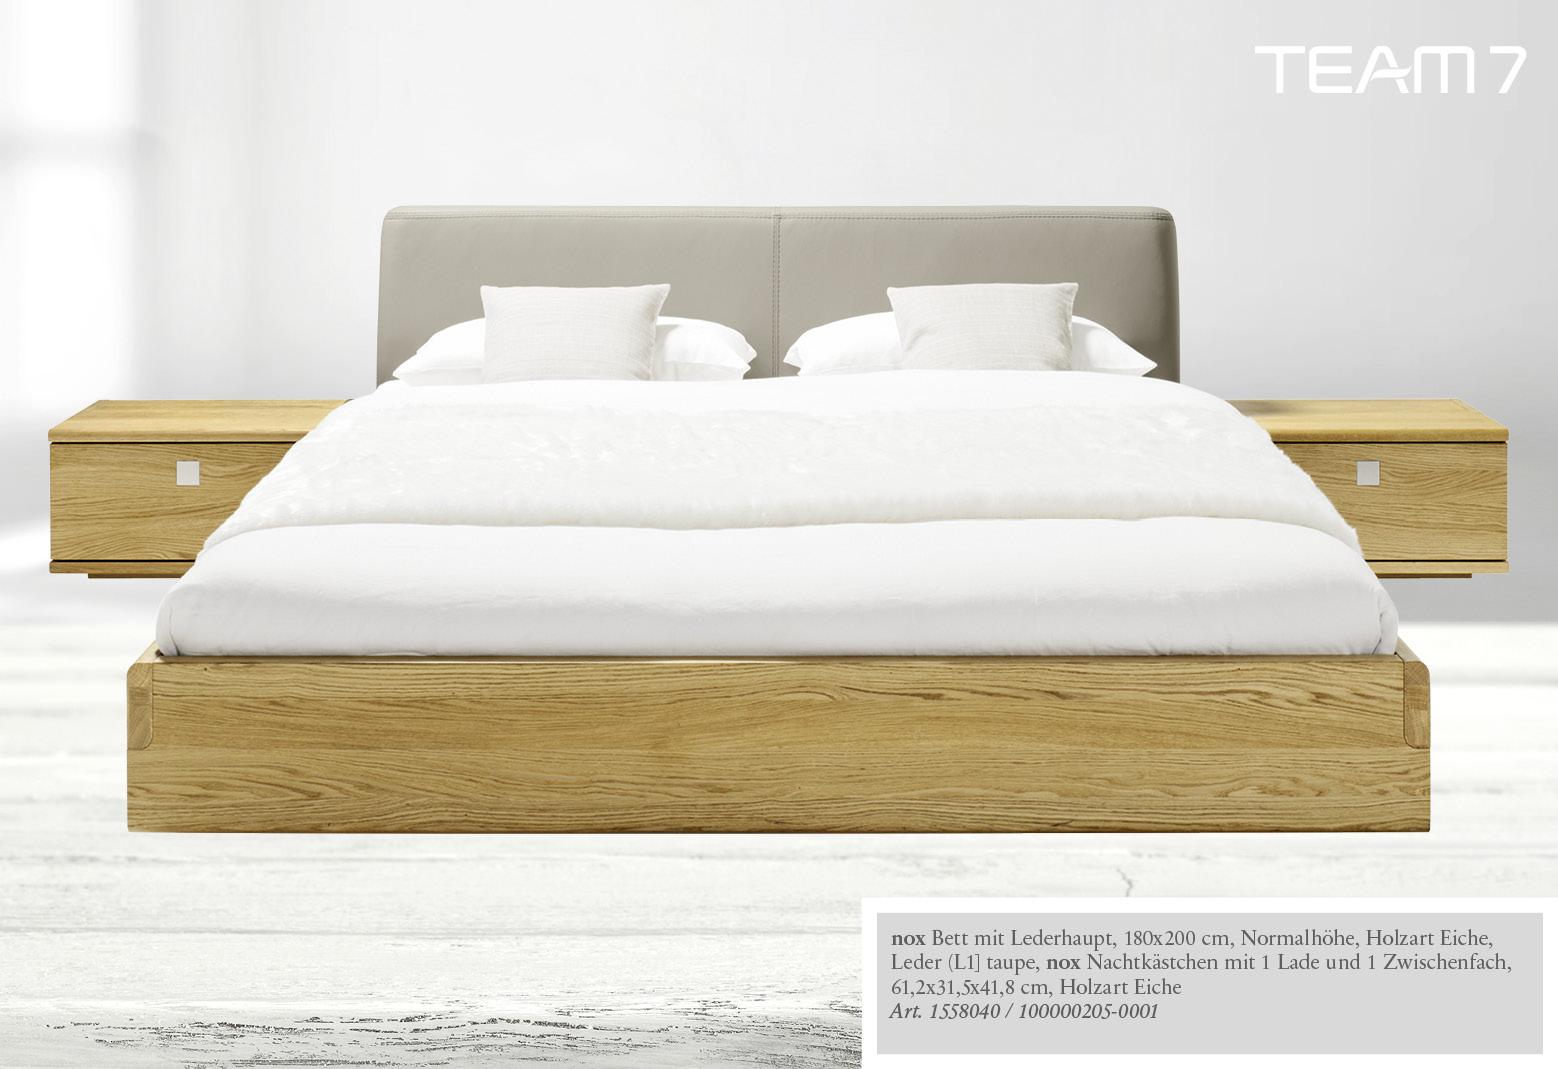 Full Size of Bett 80x200 Erholsamer Schlafplatz In Betten Von Weko Ohne Füße Skandinavisch Ausklappbar Stauraum 160x200 Mit Schubladen 90x200 Weiß Modern Design Bett Bett 80x200